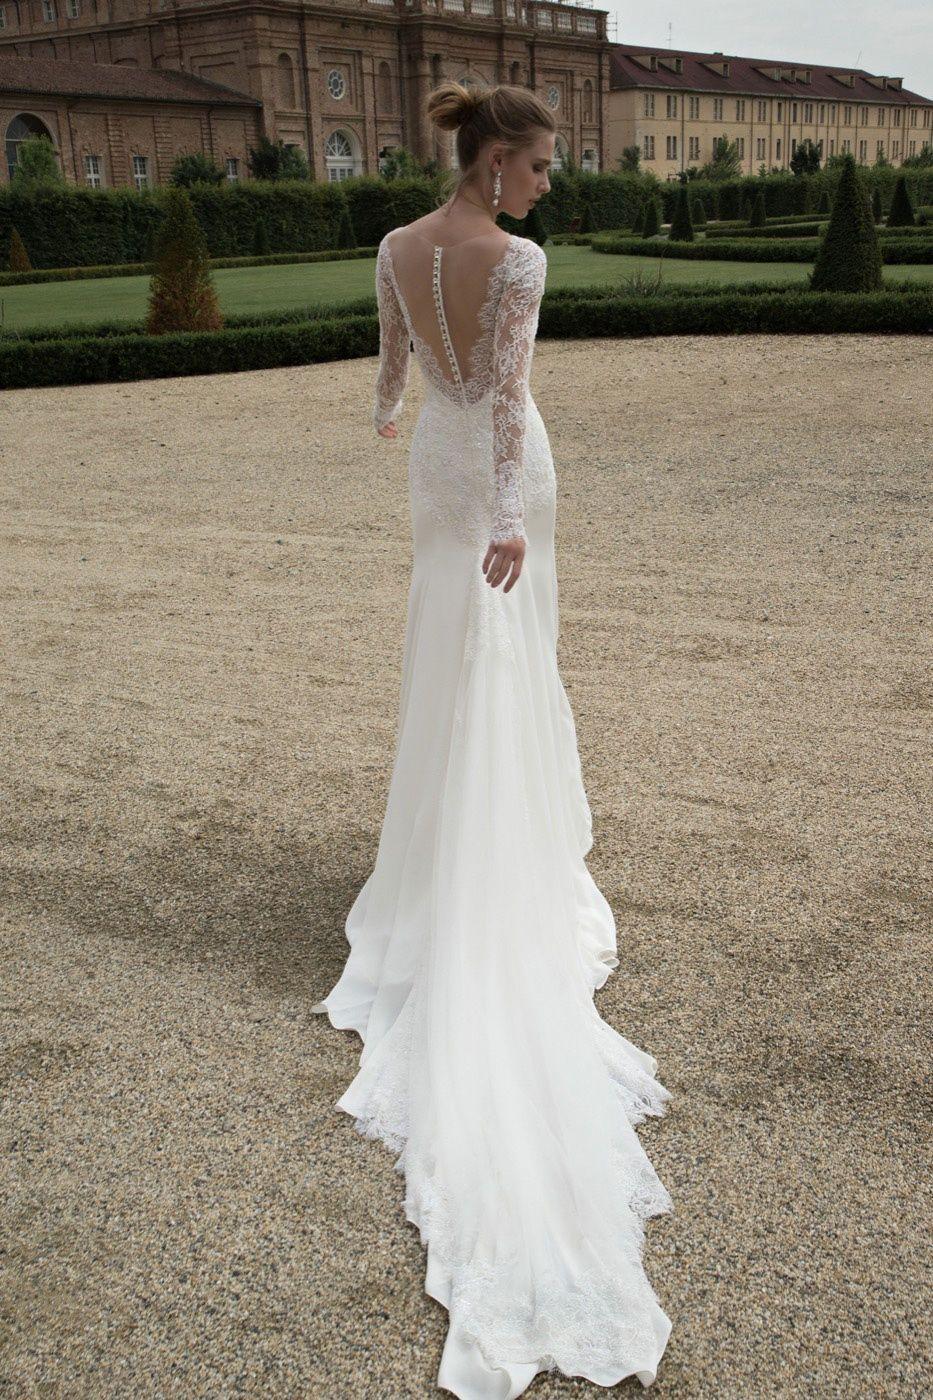 Moda sposa 2016 - Collezione ALESSANDRARINAUDO. TRACY ARAB16608. Abito da sposa Nicole.